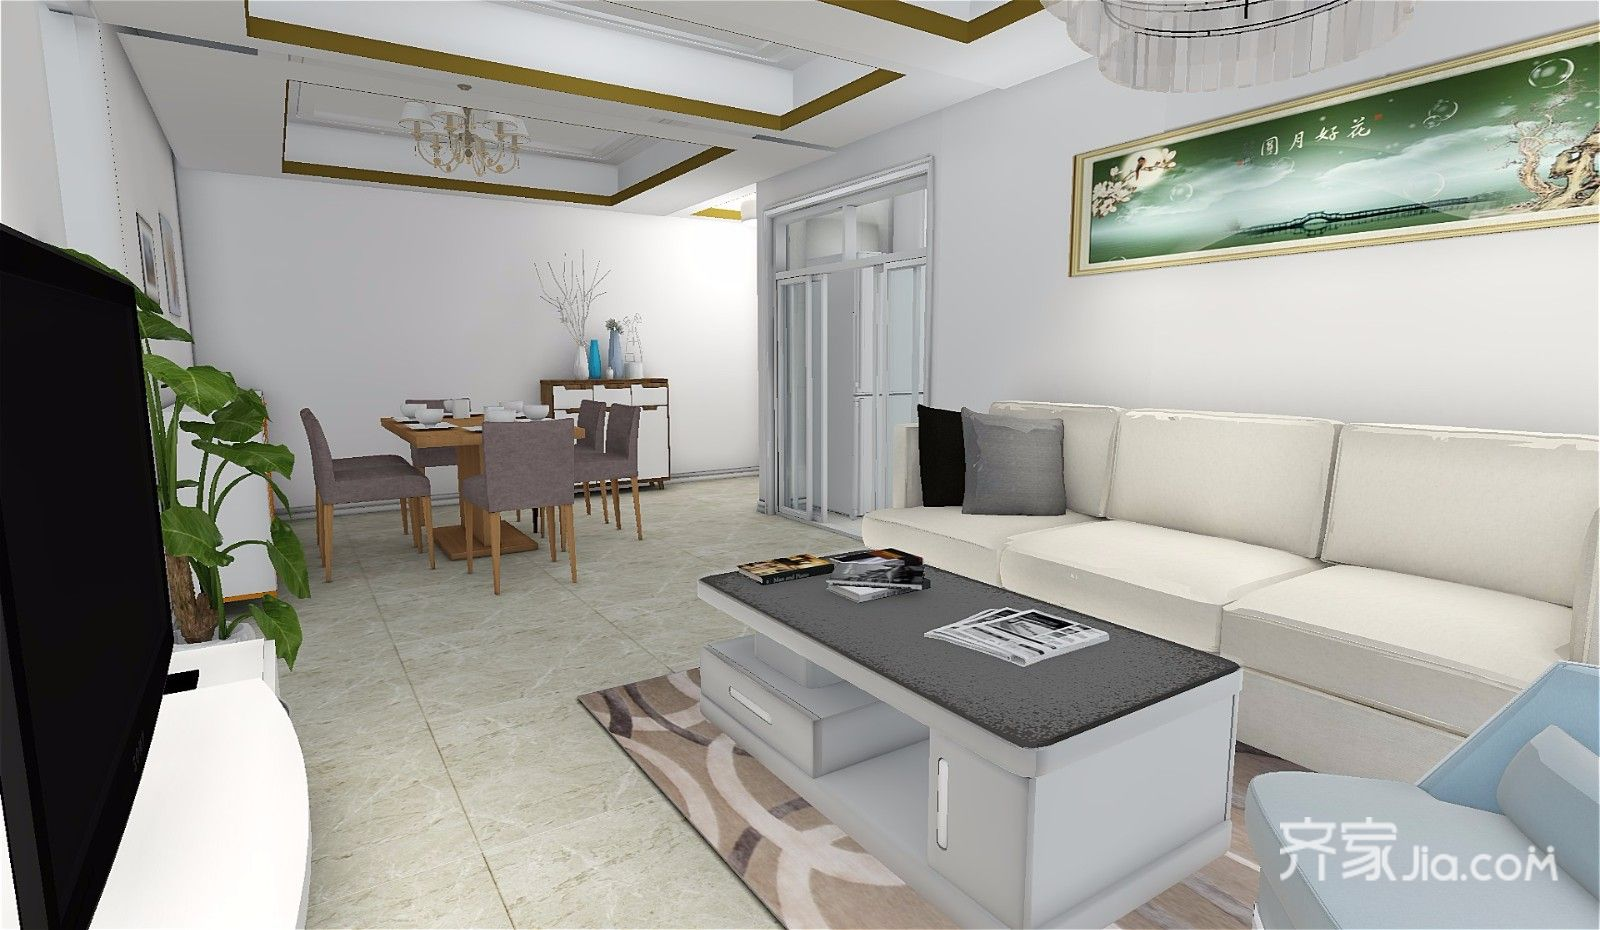 73平简约三居室装修沙发背景墙设计效果图